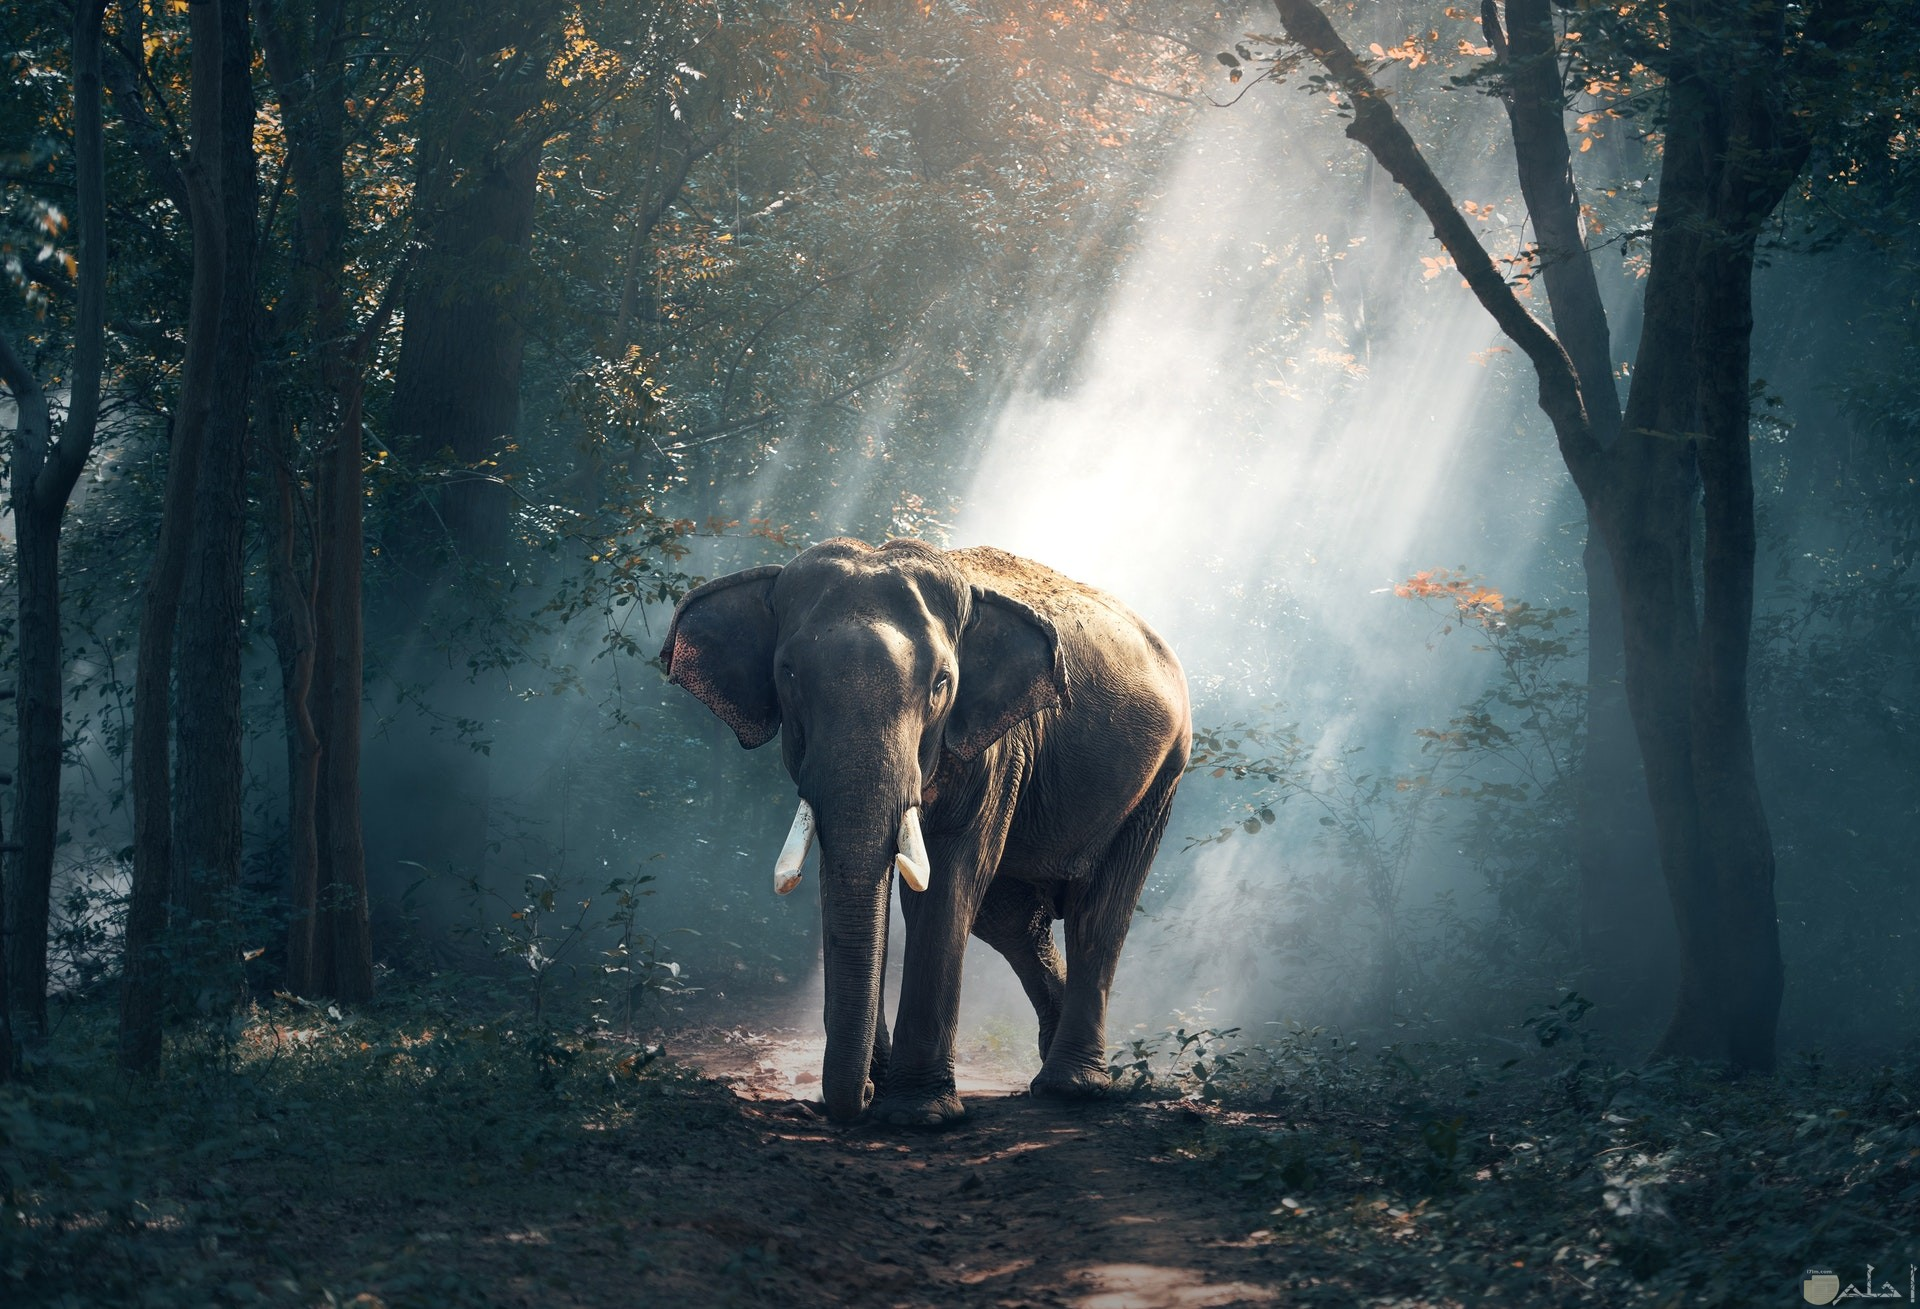 صورة جميلة ومميزة للطبيعة وحيوان الفيل فيها